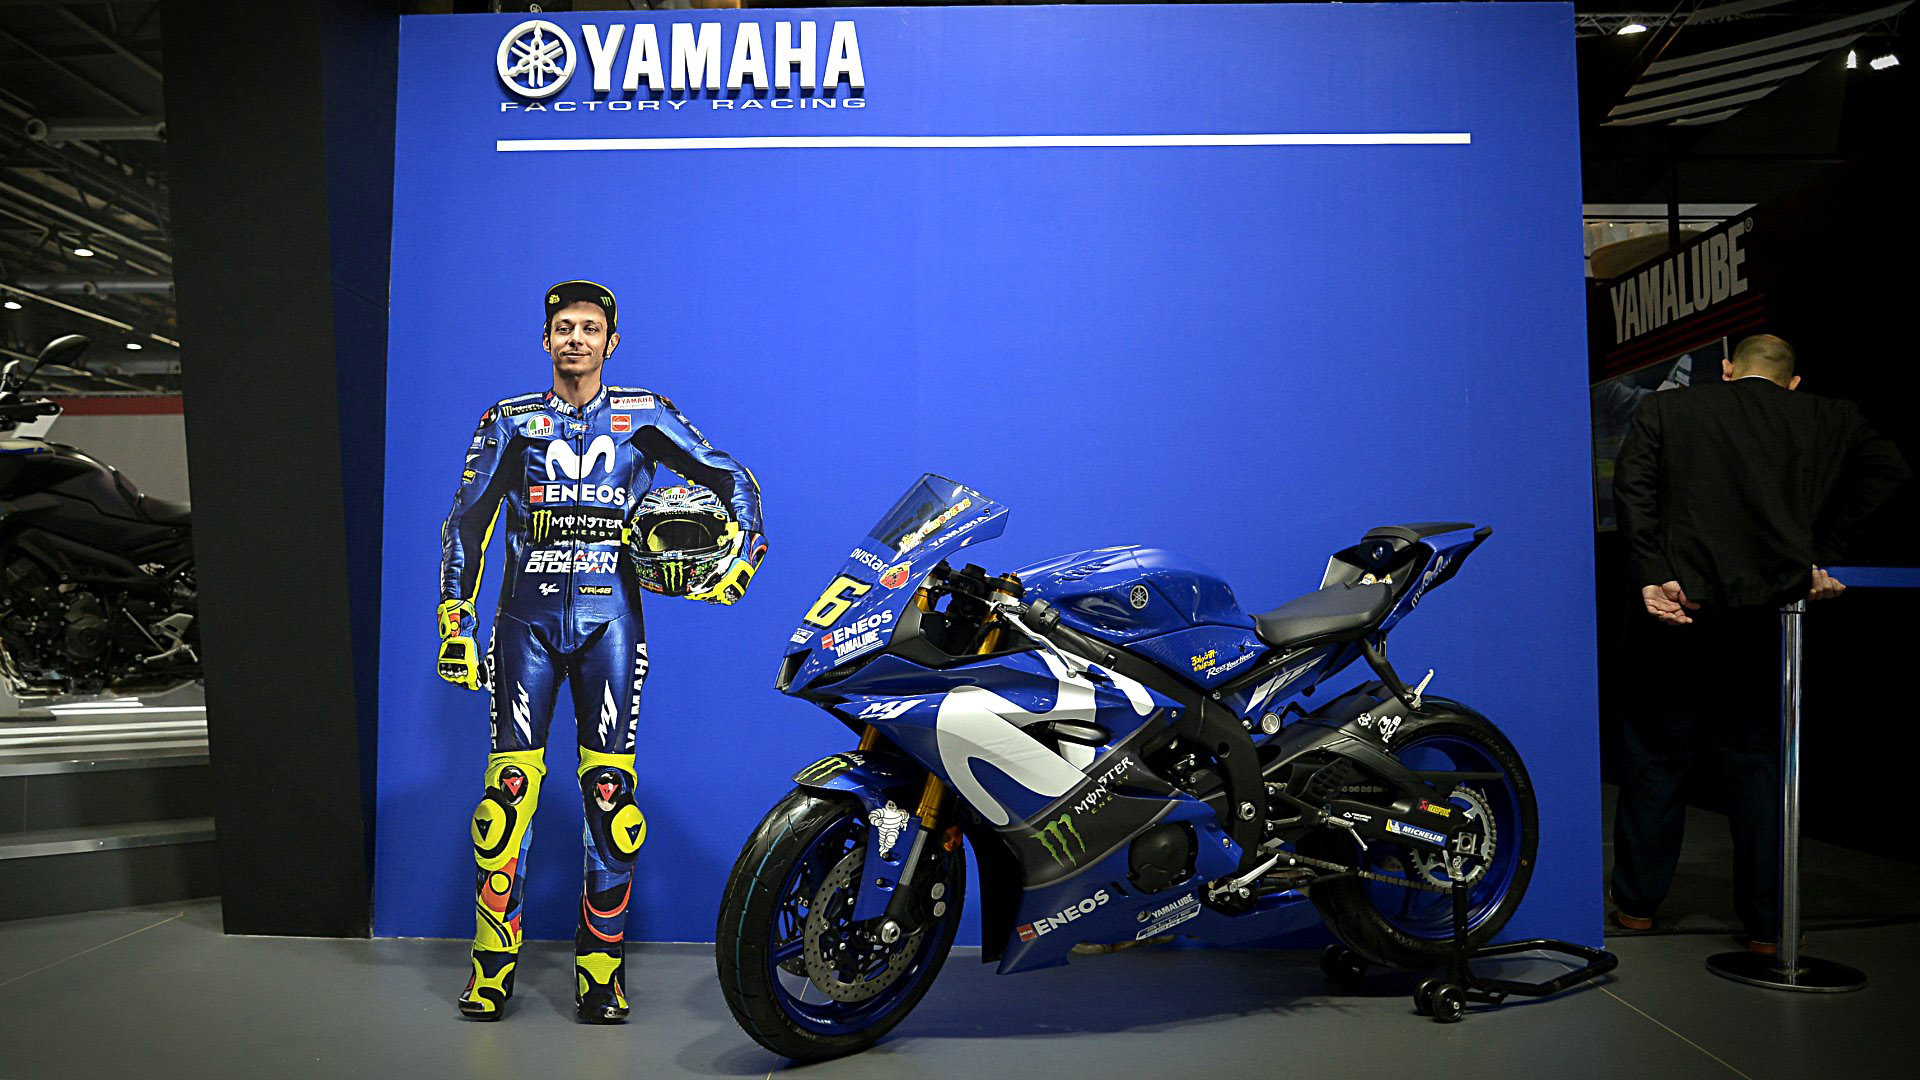 El piloto italiano Valentino Rossi escuda laYamaha YZR-M1, la moto de carrera con la que compite en el MotoGP